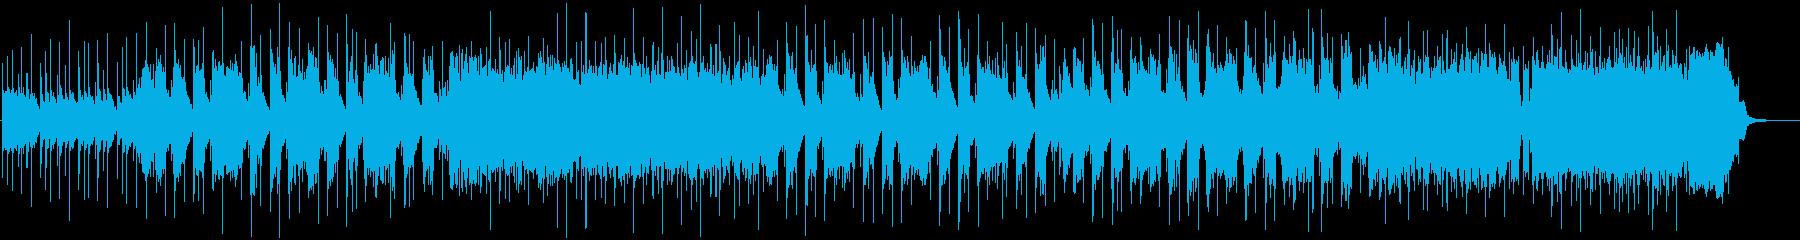 ドラムのロックなビートメインの曲の再生済みの波形